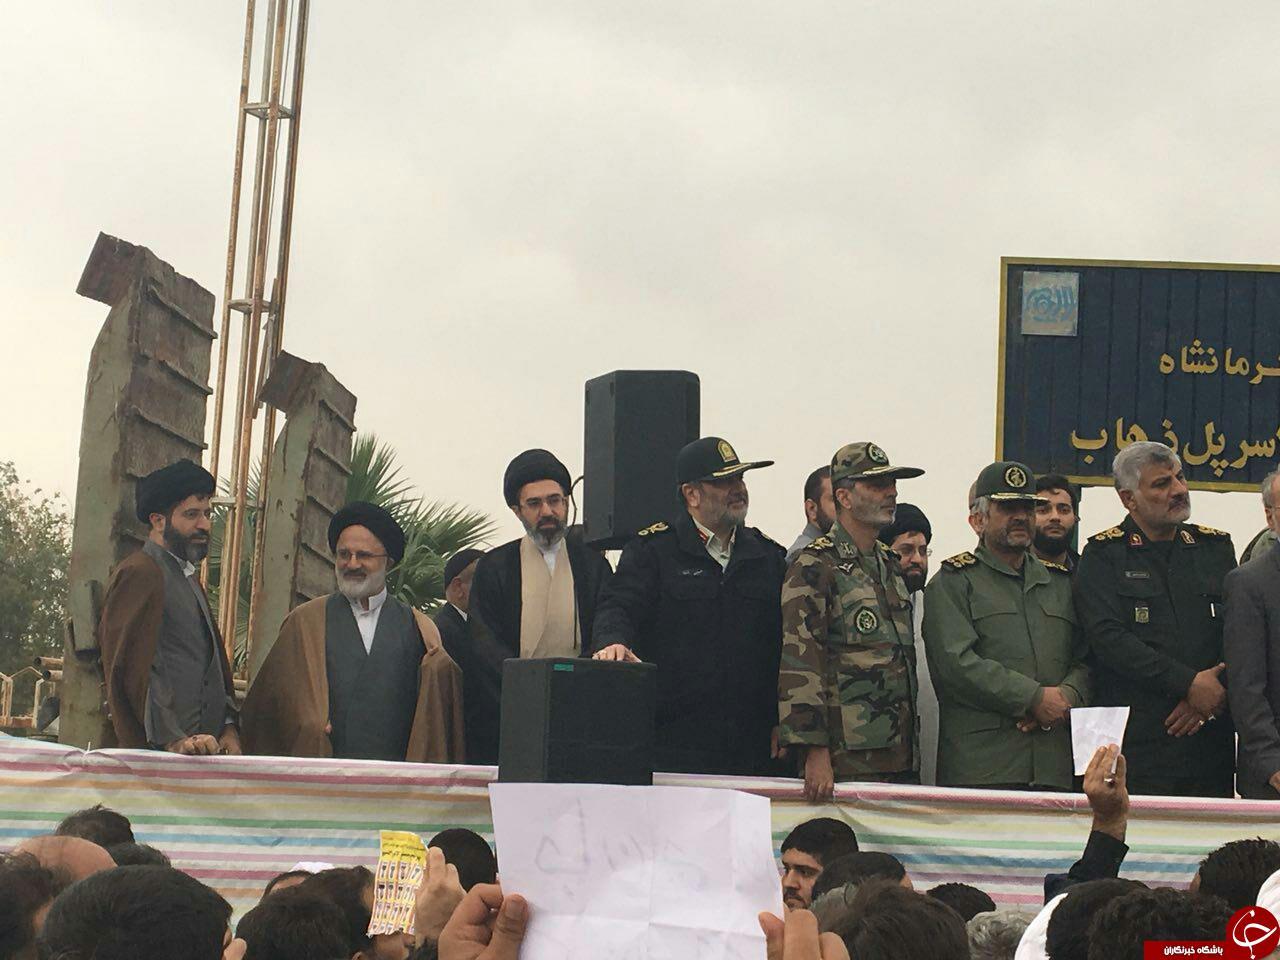 فرزندان رهبر انقلاب در حاشیه بازدید از کرمانشاه